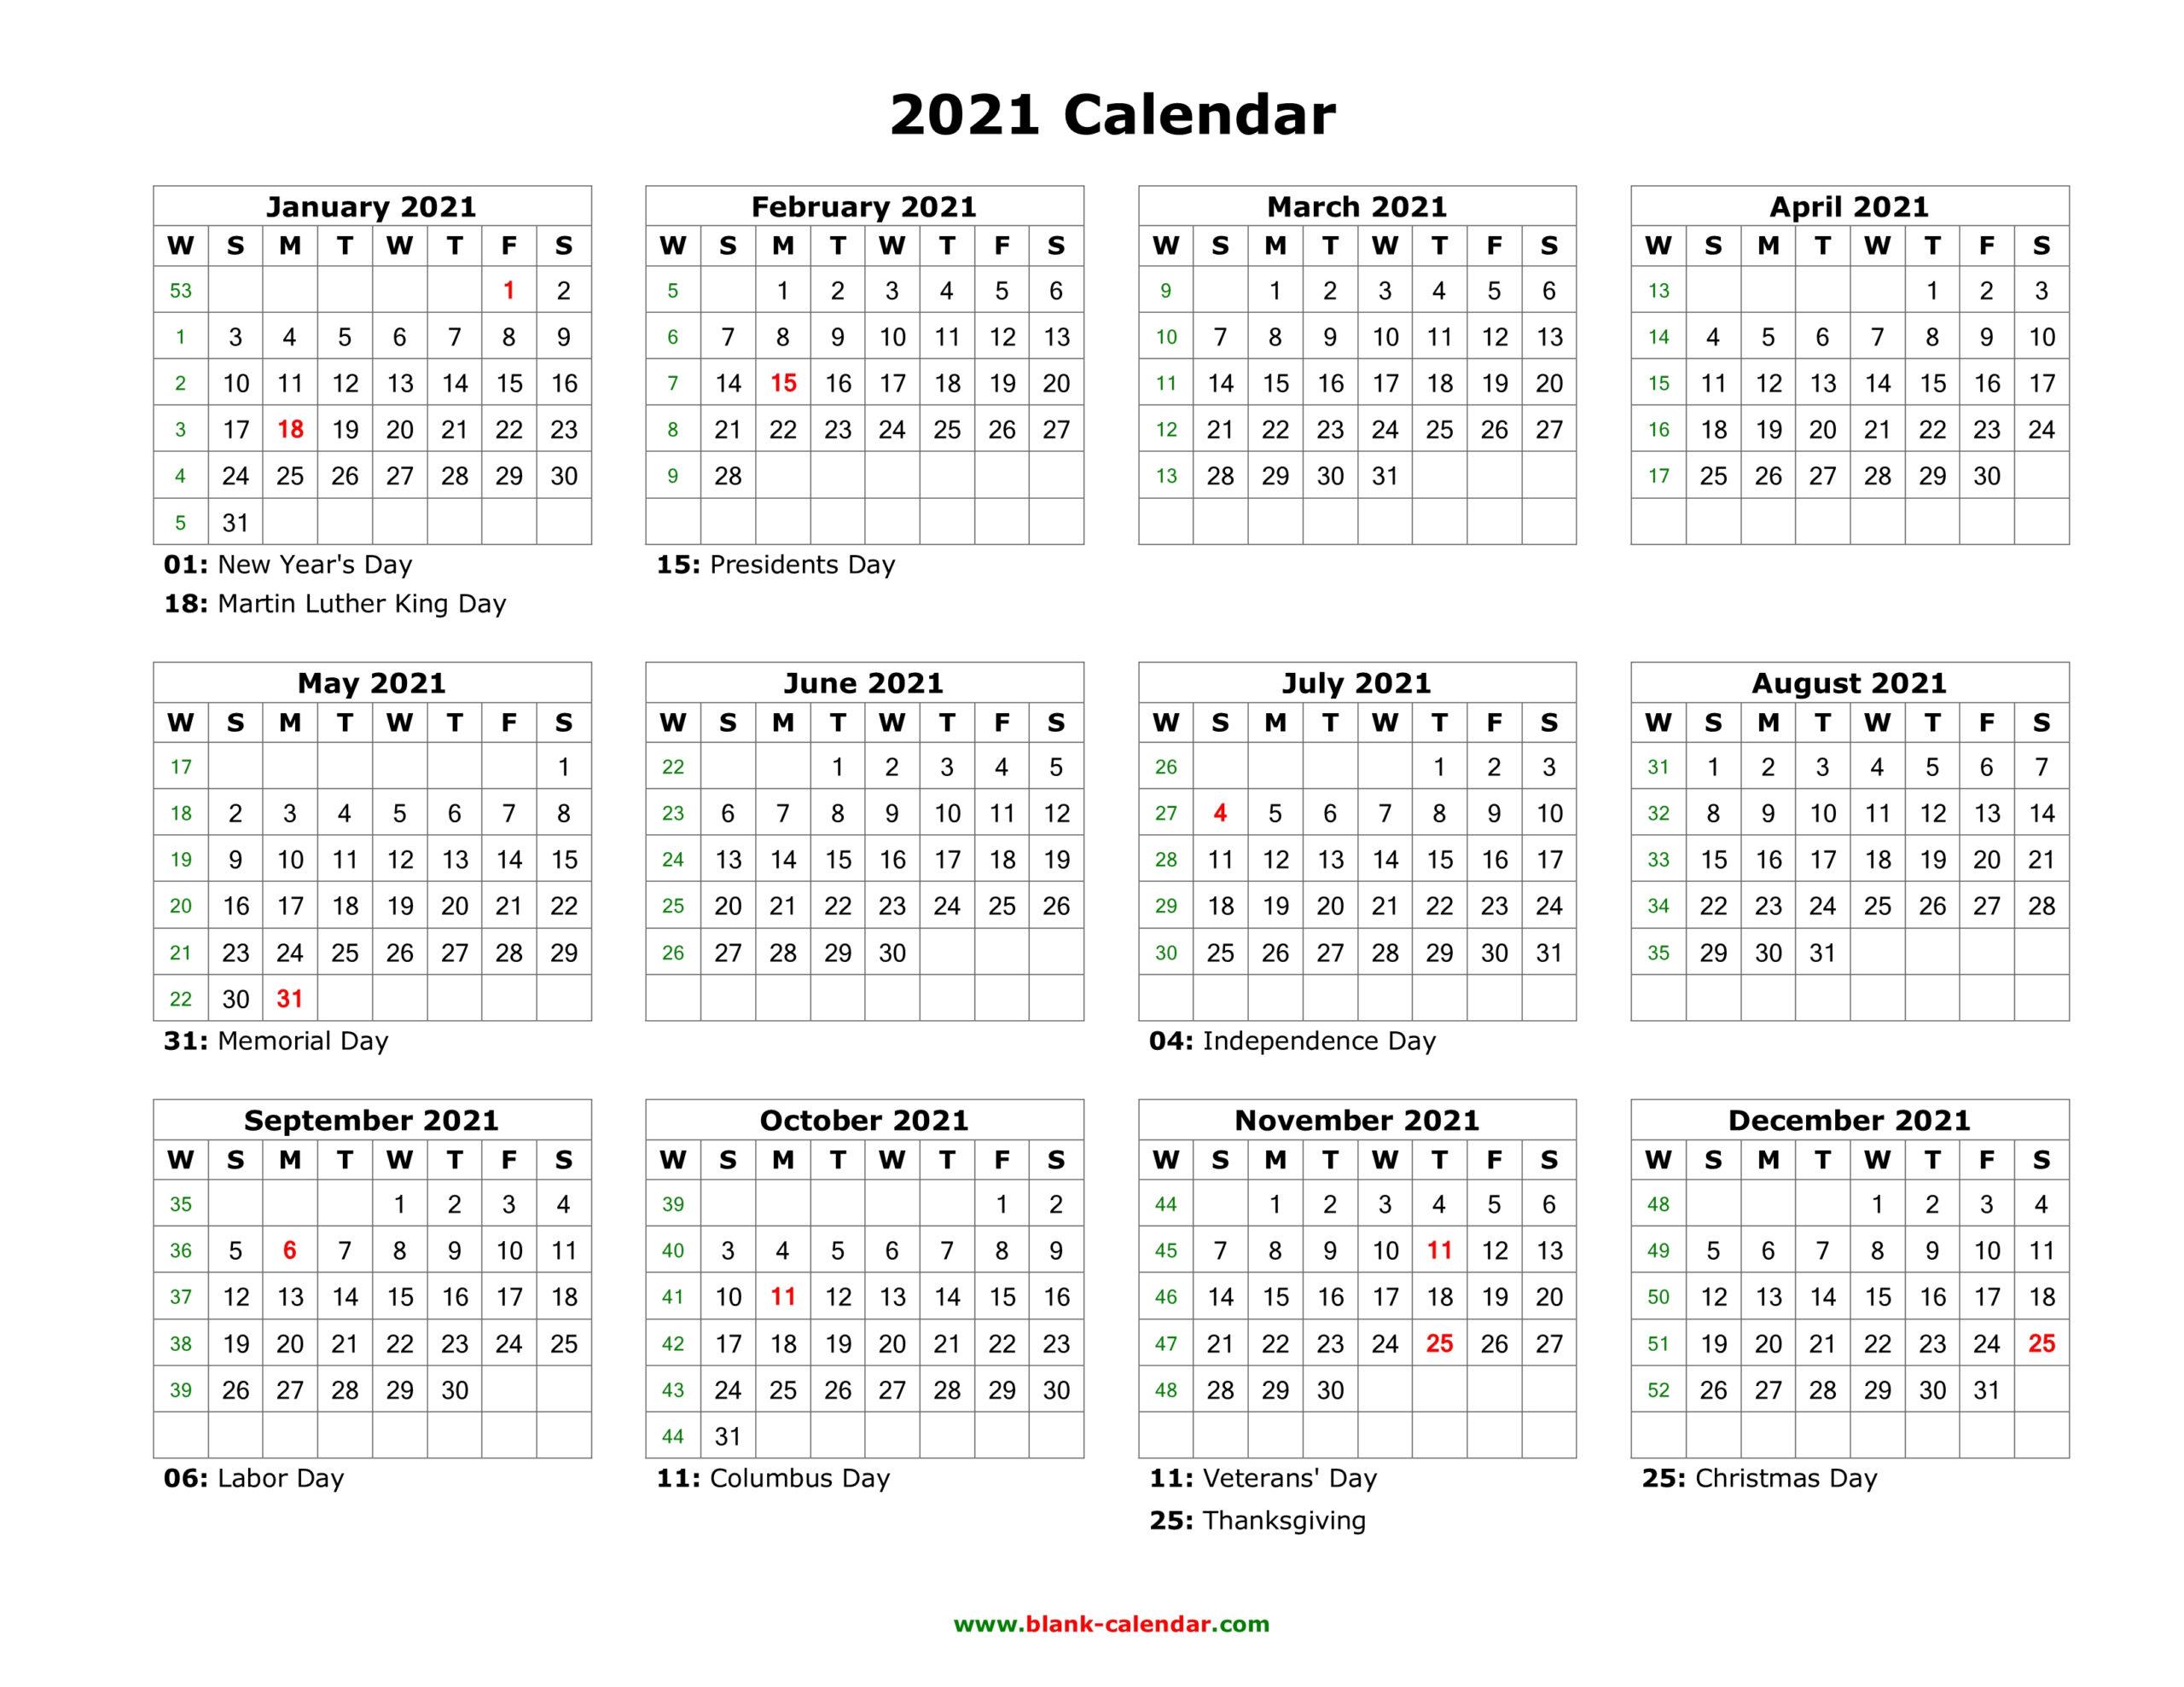 Blank Calendar 2021